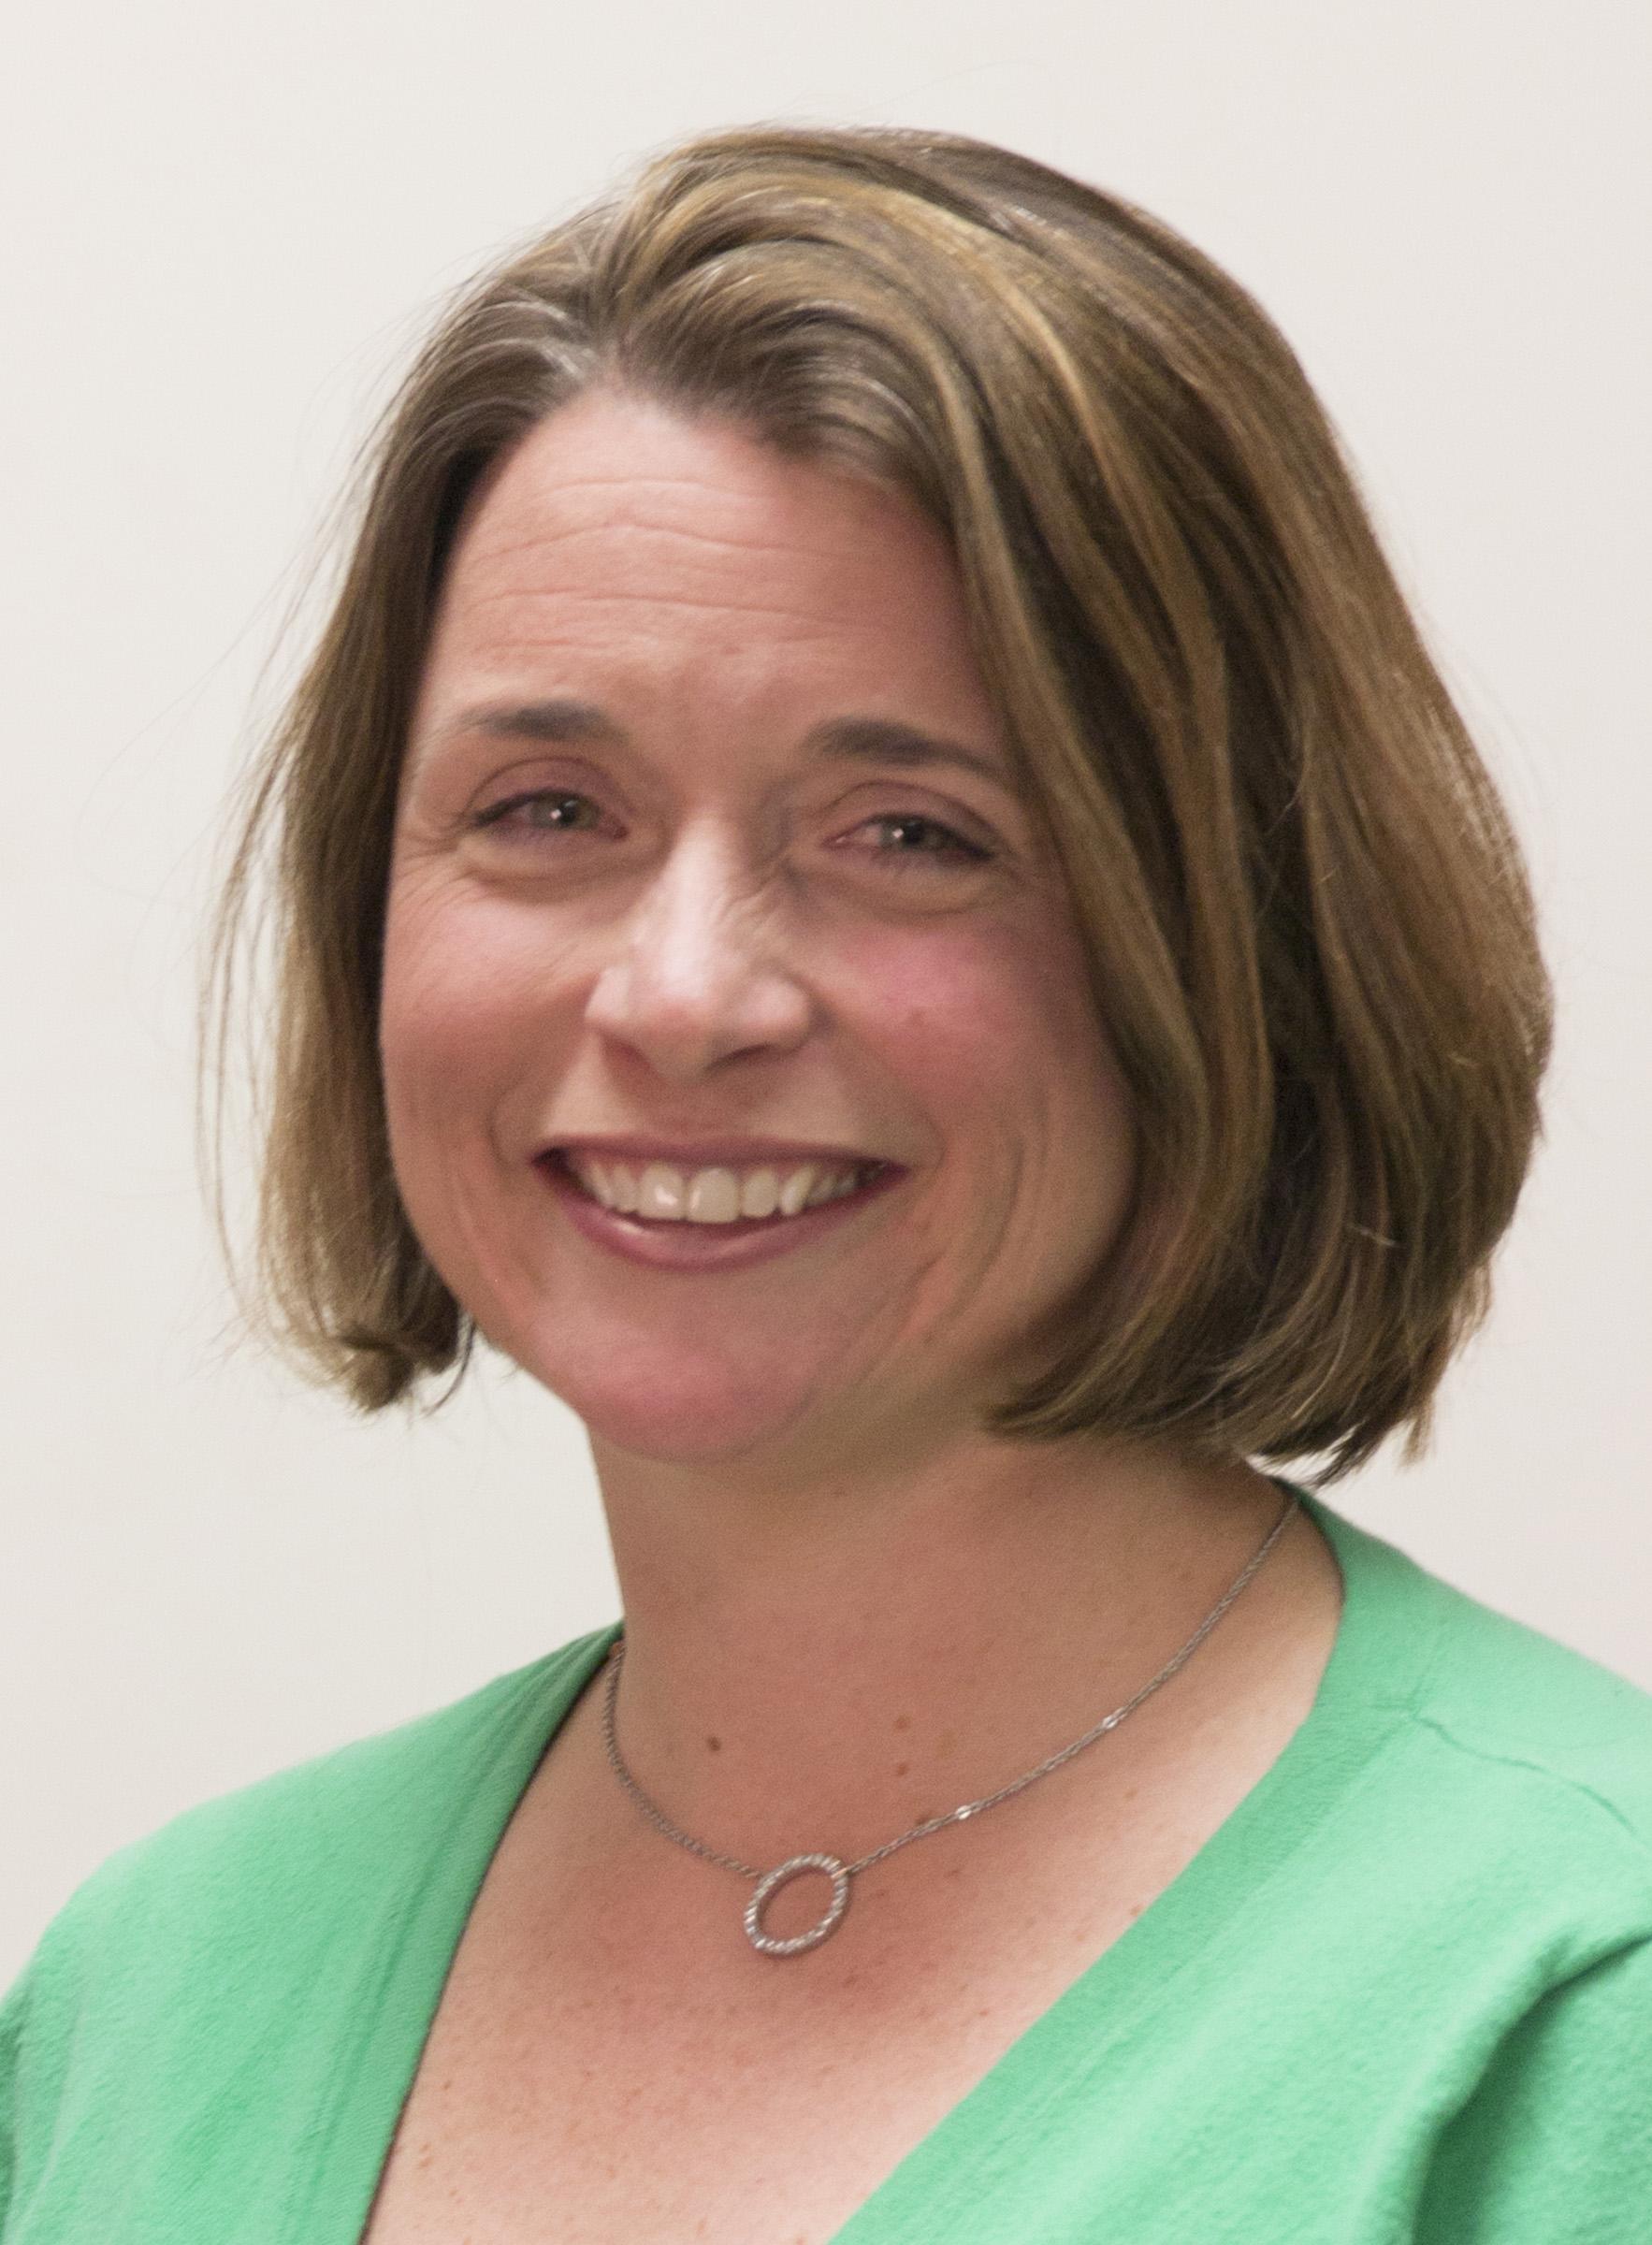 Nancy Chiaravalloti, PhD